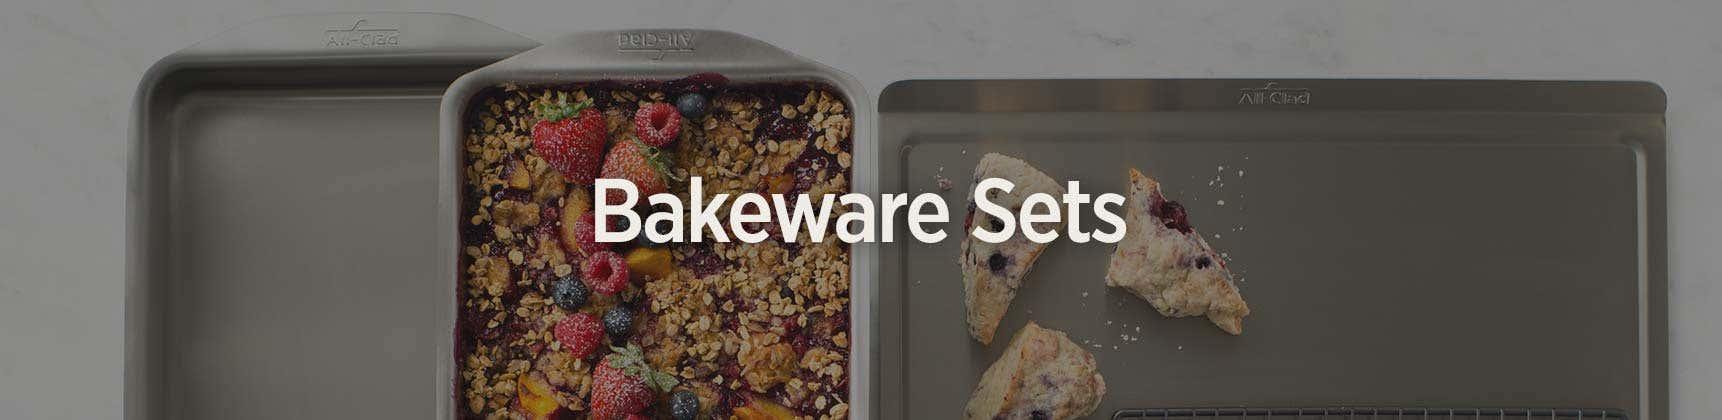 Bakeware Sets